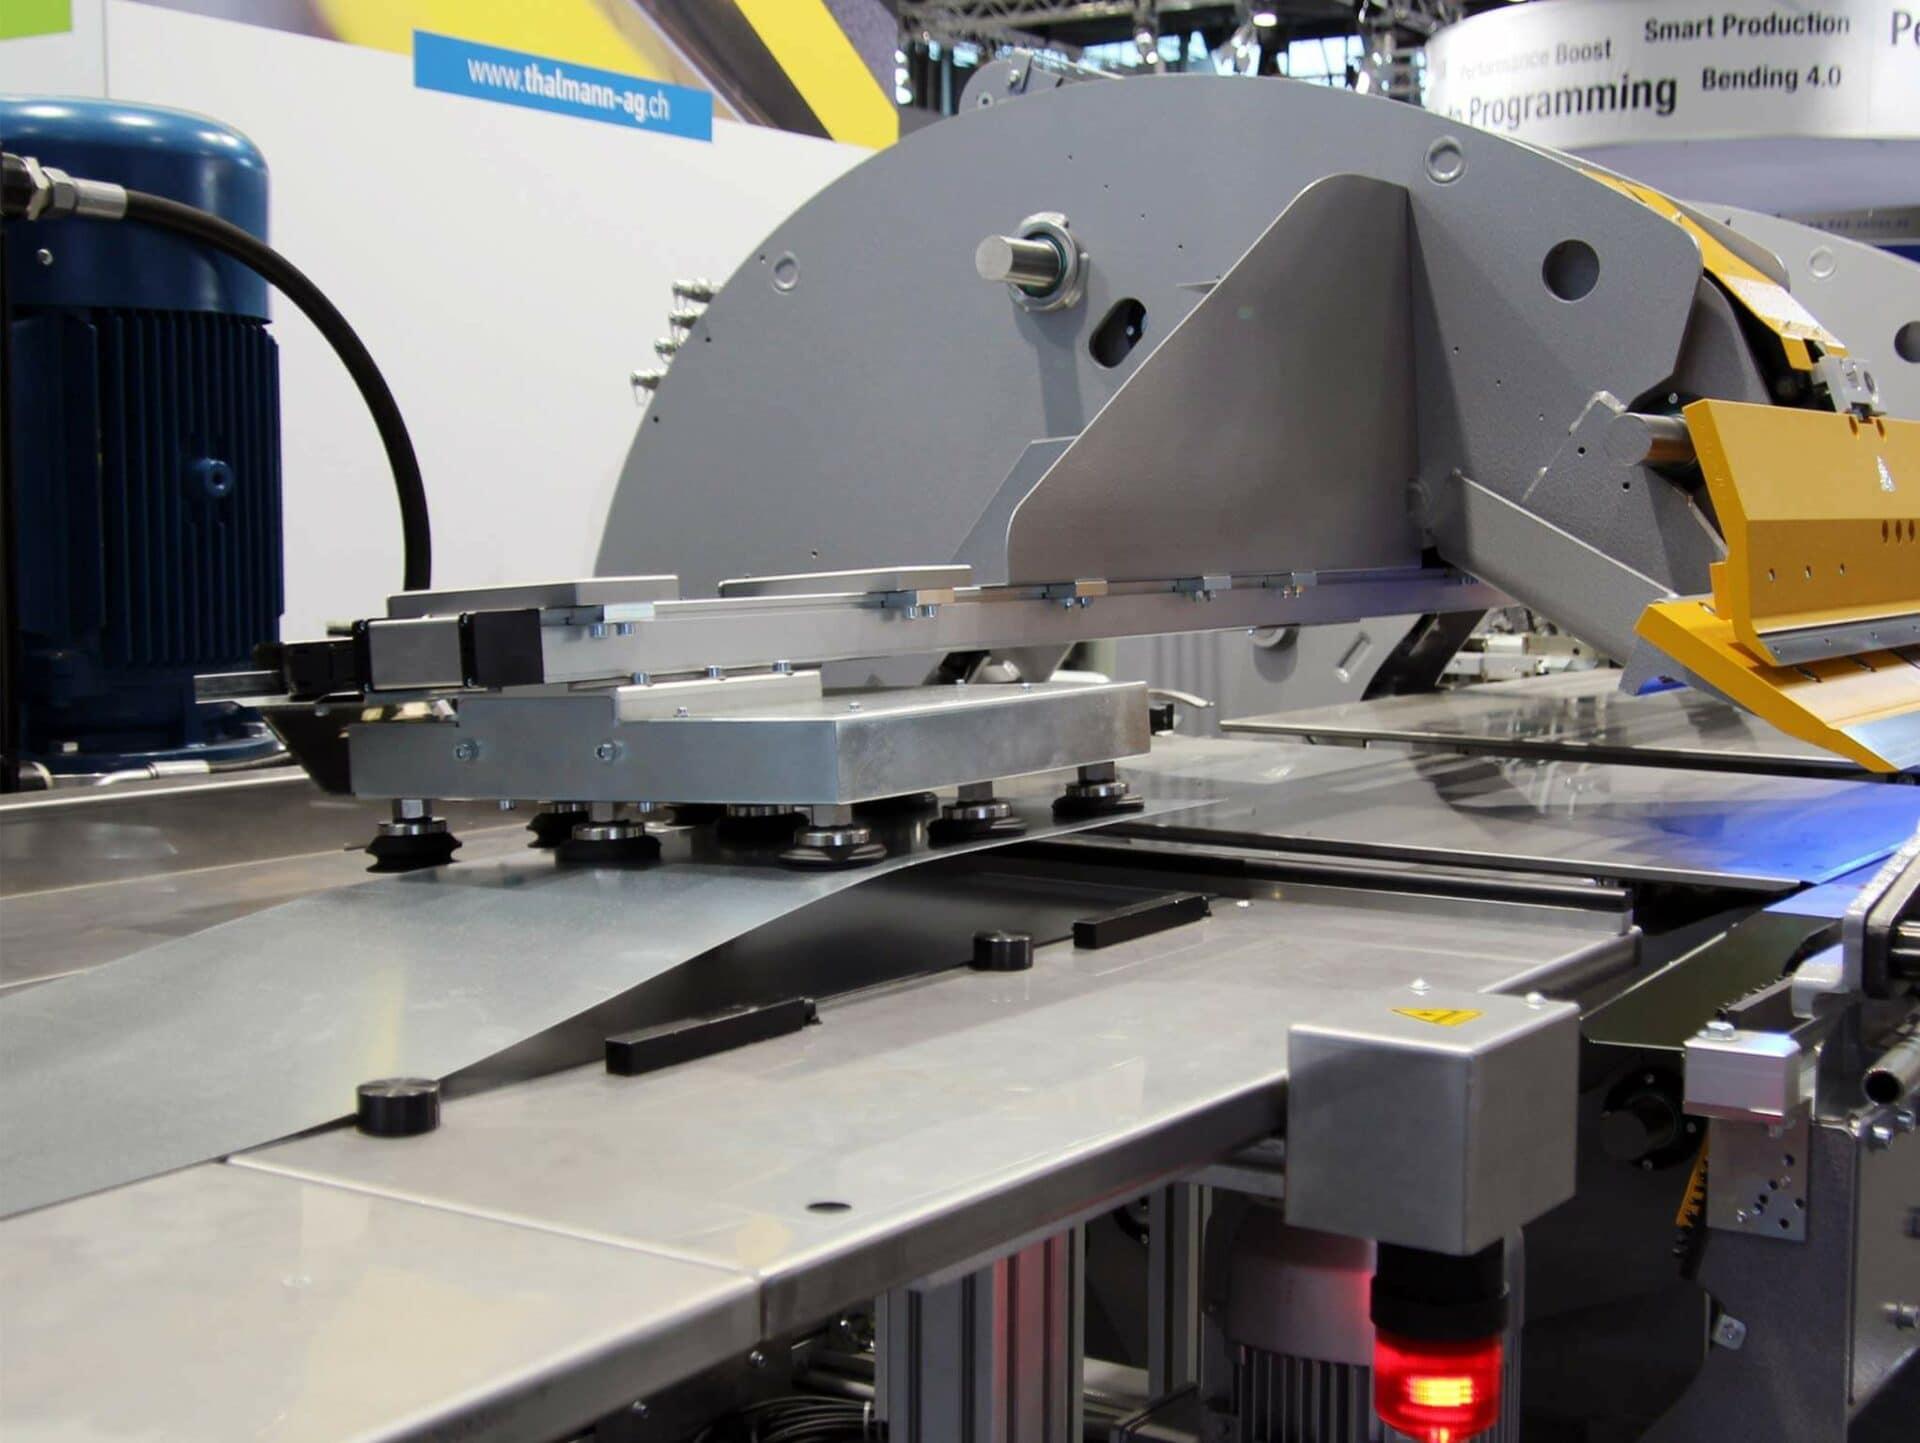 FLEXIBEL:Die Bleche können im Einzeleinzug, ab Stapel oder von einer vorgelagerten Anlage kommend automatisch in den TD Doppelbieger eingezogen werden.